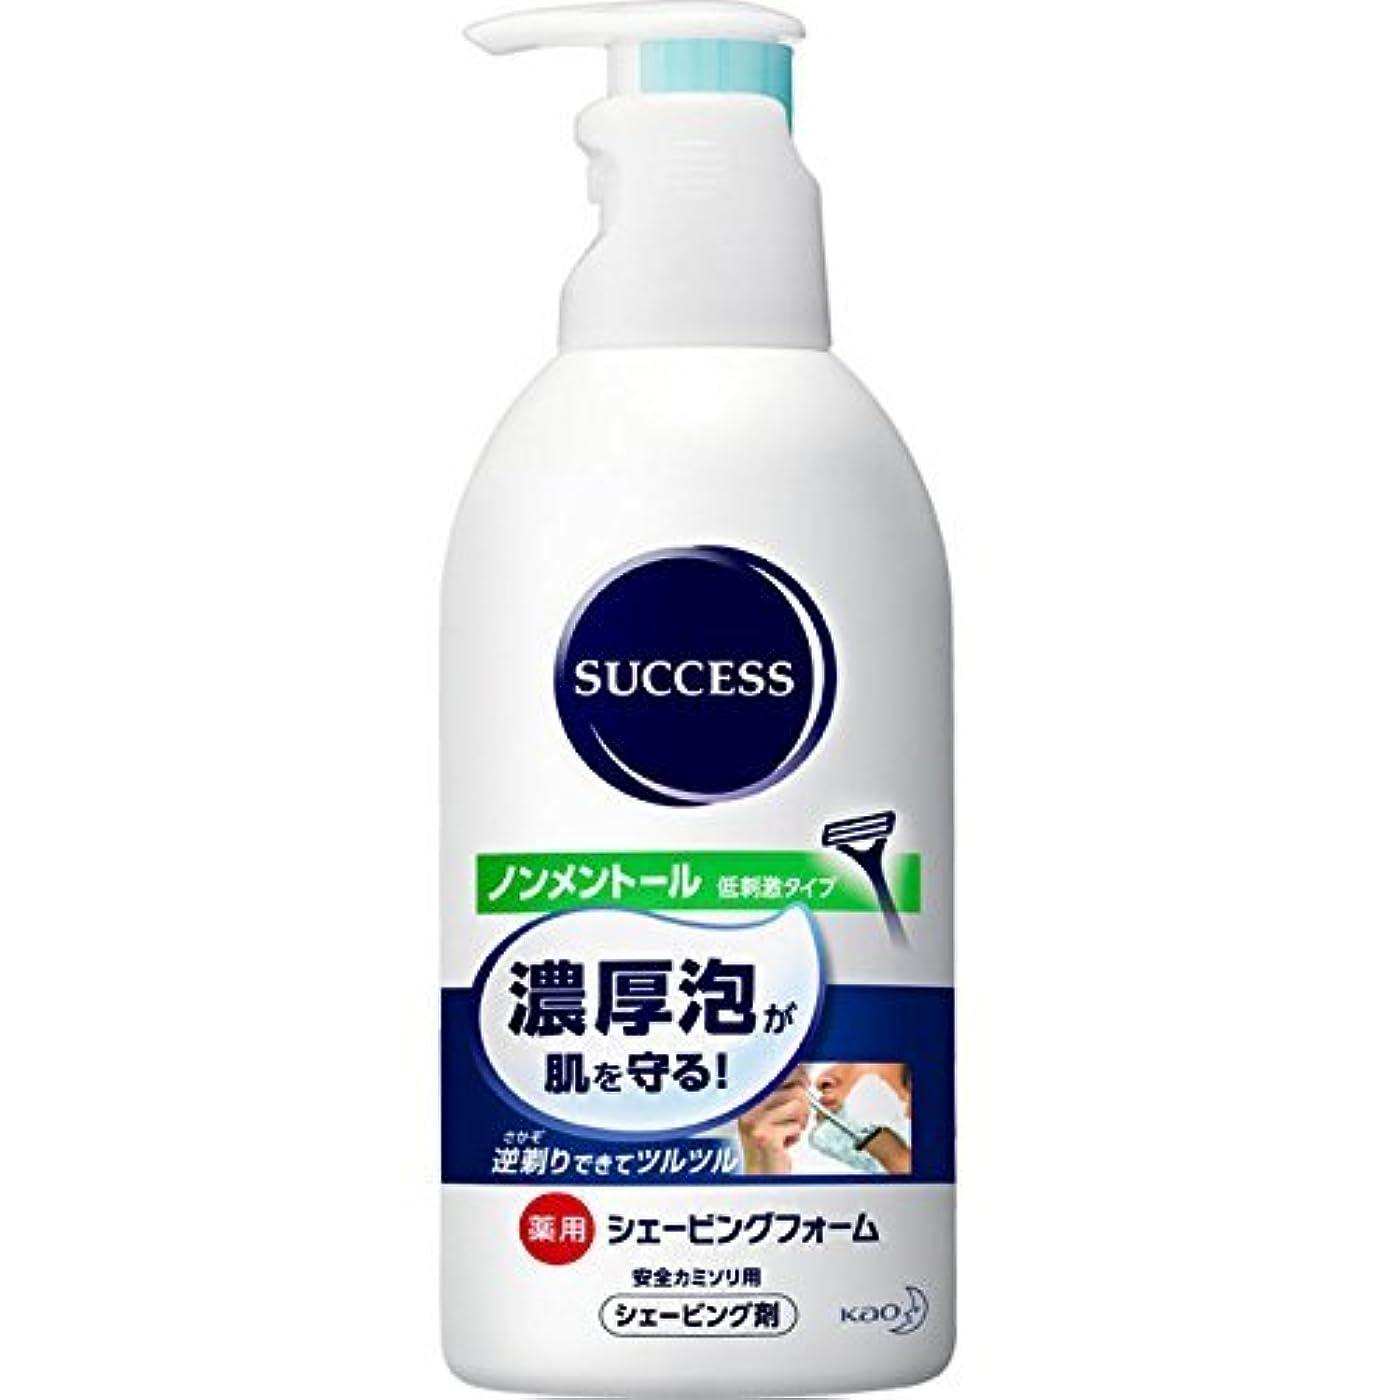 女王ランプバレル【まとめ買い】サクセス薬用シェービングフォーム(ノンメントール)/250g ×2セット